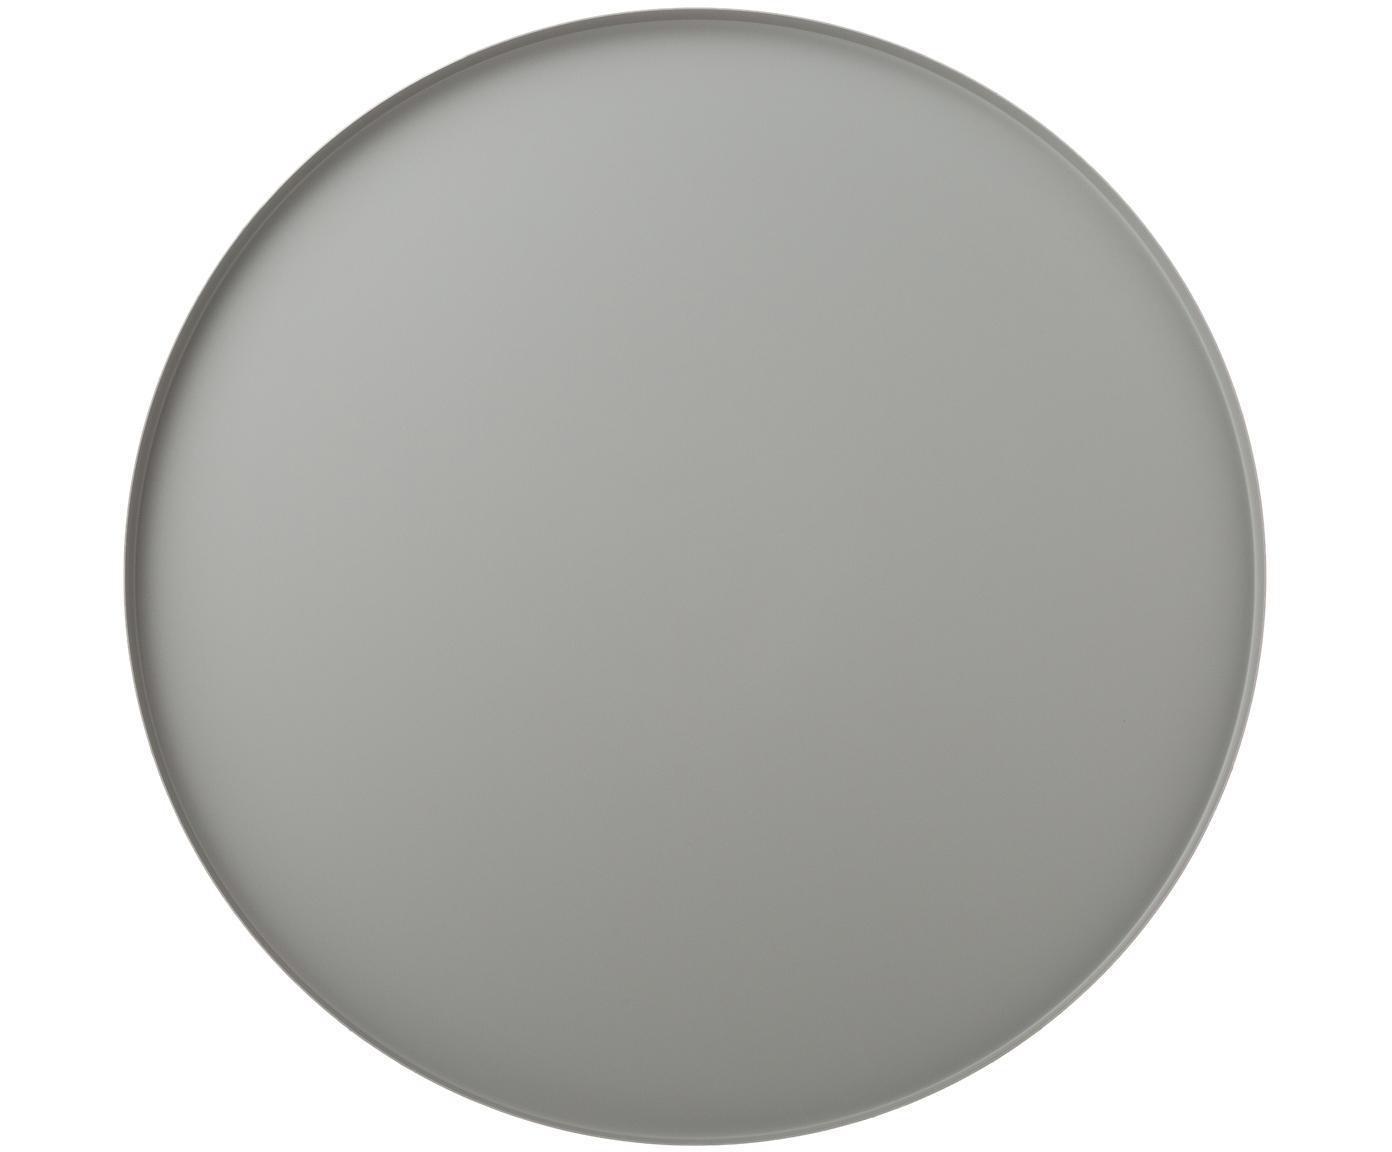 Vassoio decorativo rotondo Cerchio in grigio, Accaio inossidabile, verniciato a polvere, Grigio, Ø 40 x Alt. 2 cm